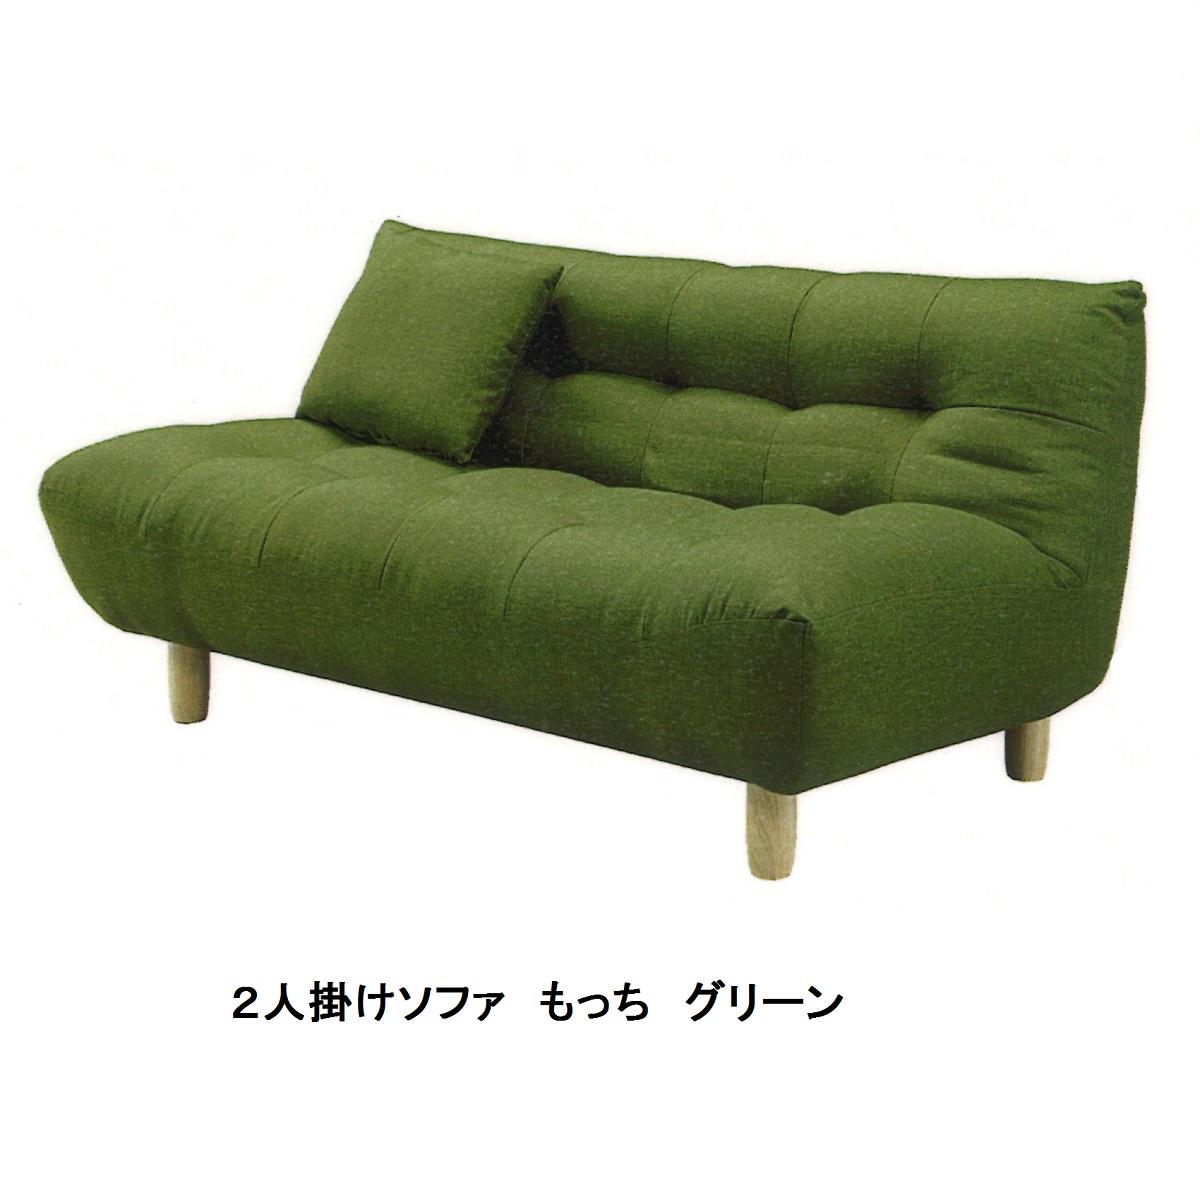 2人掛けソファー もっち 布張り選べる3色(GR・NB・BR)人気のシンプルスタイルクッション1個付要在庫確認(在庫切れの場合有り)